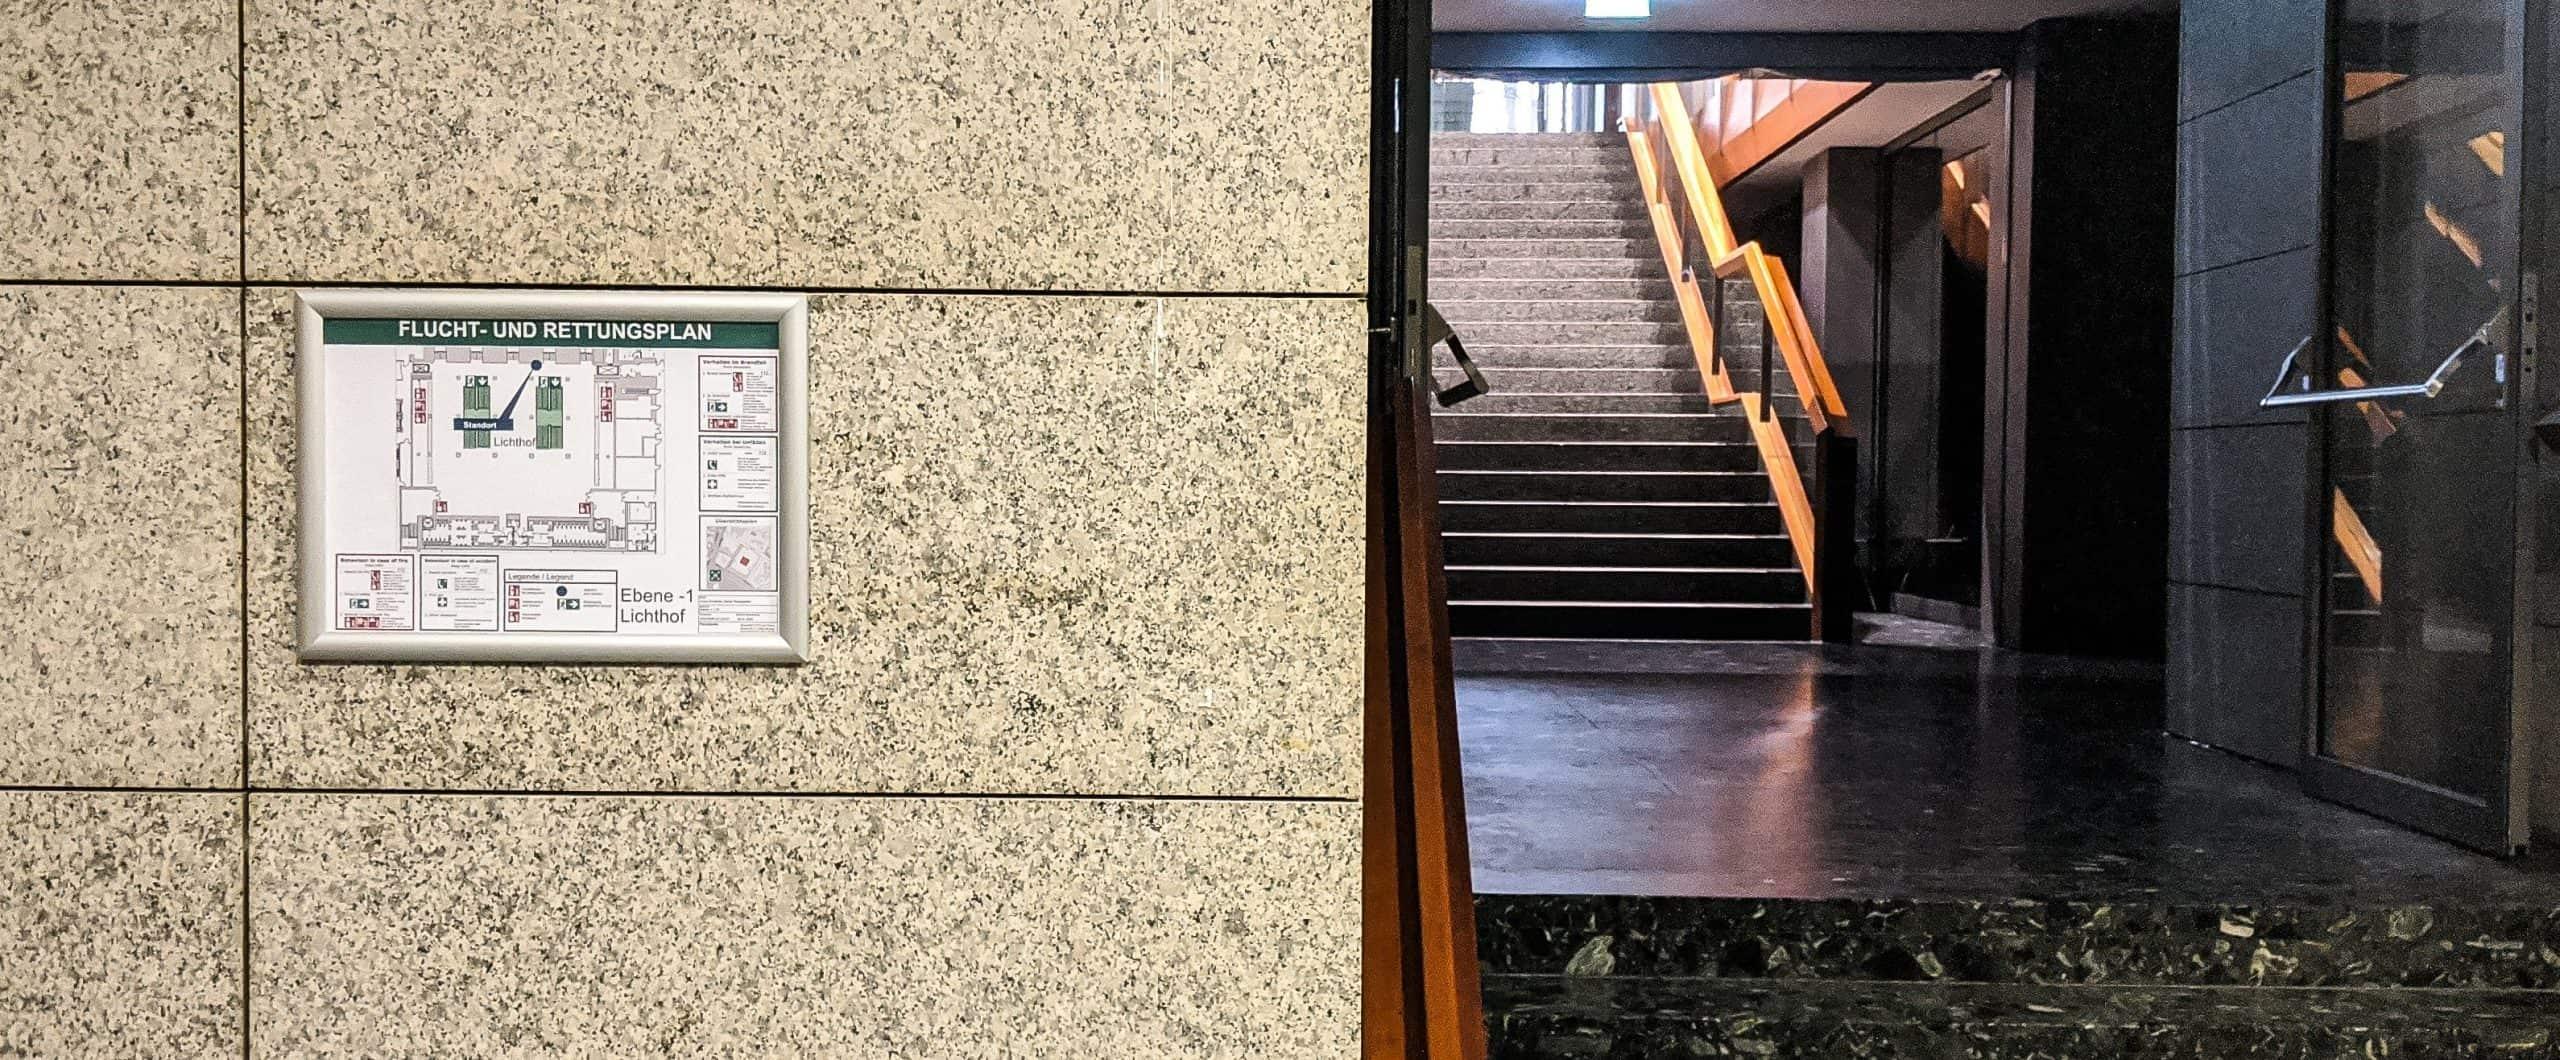 Flucht- und Rettungsplan im Foyerbereich einer Versammlungsstätte